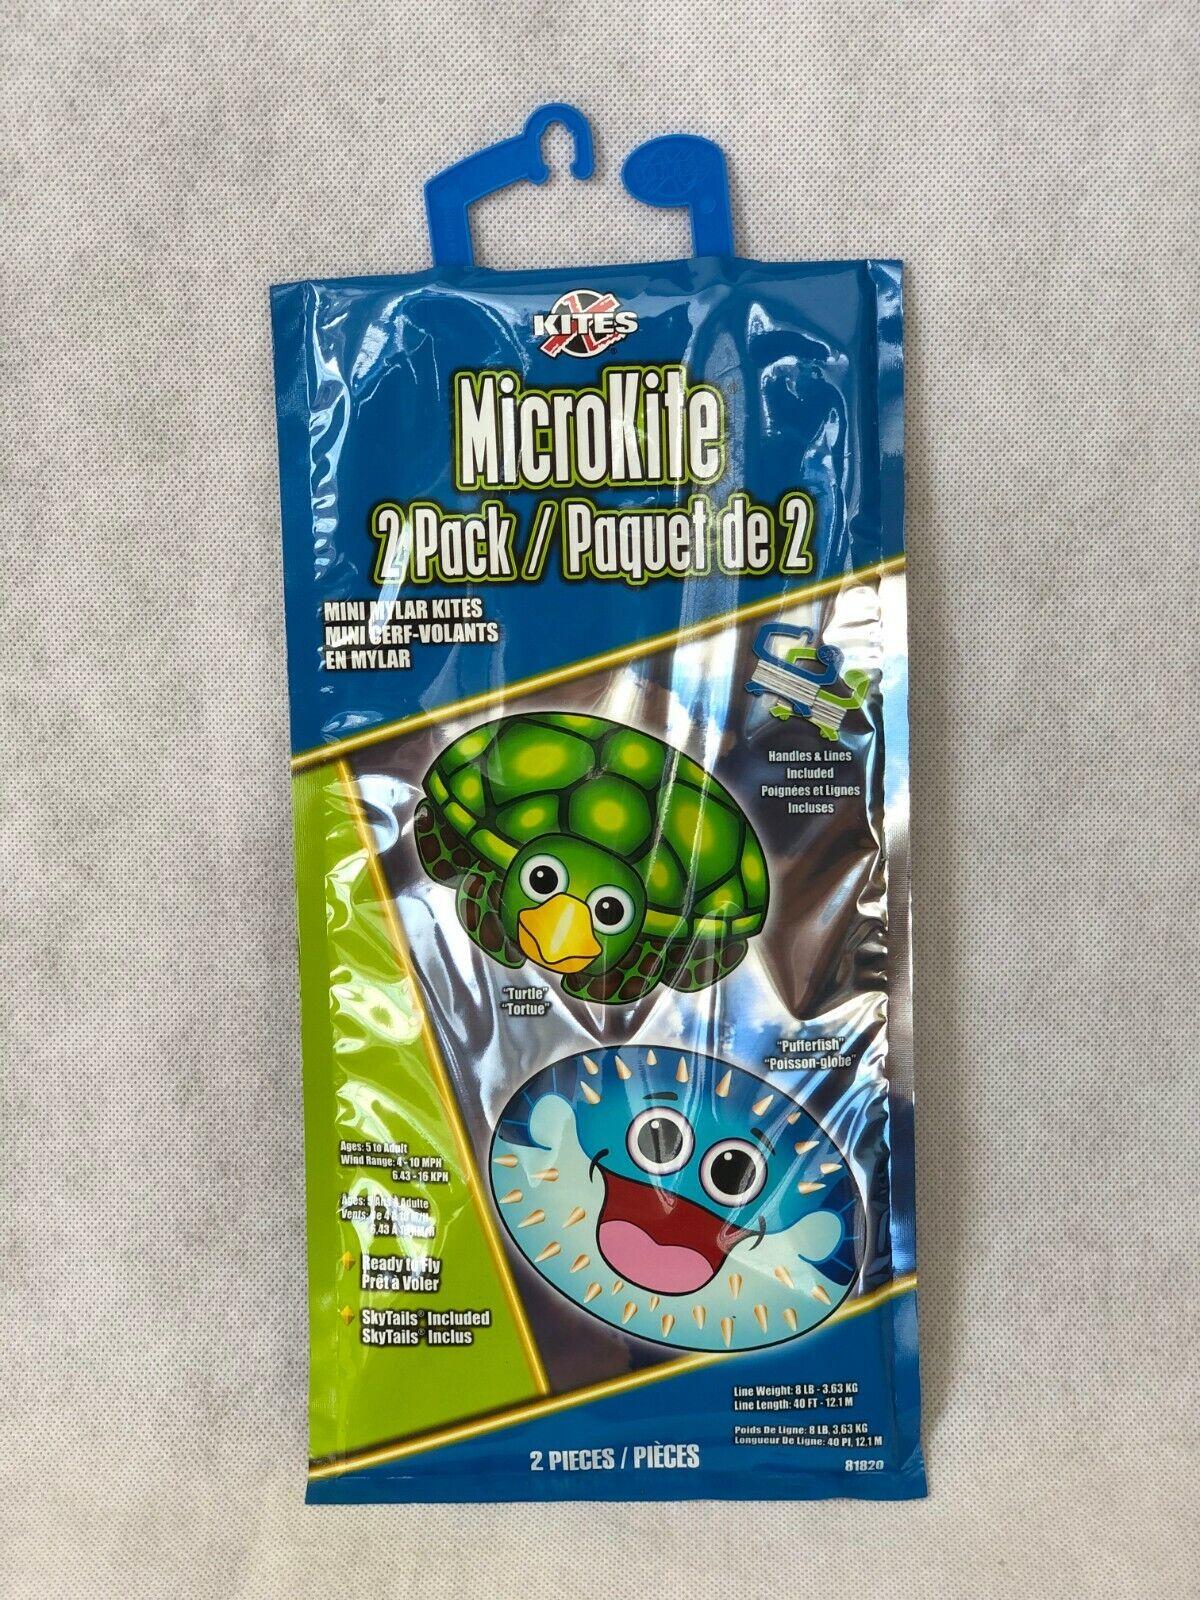 kite microkite 2 pack